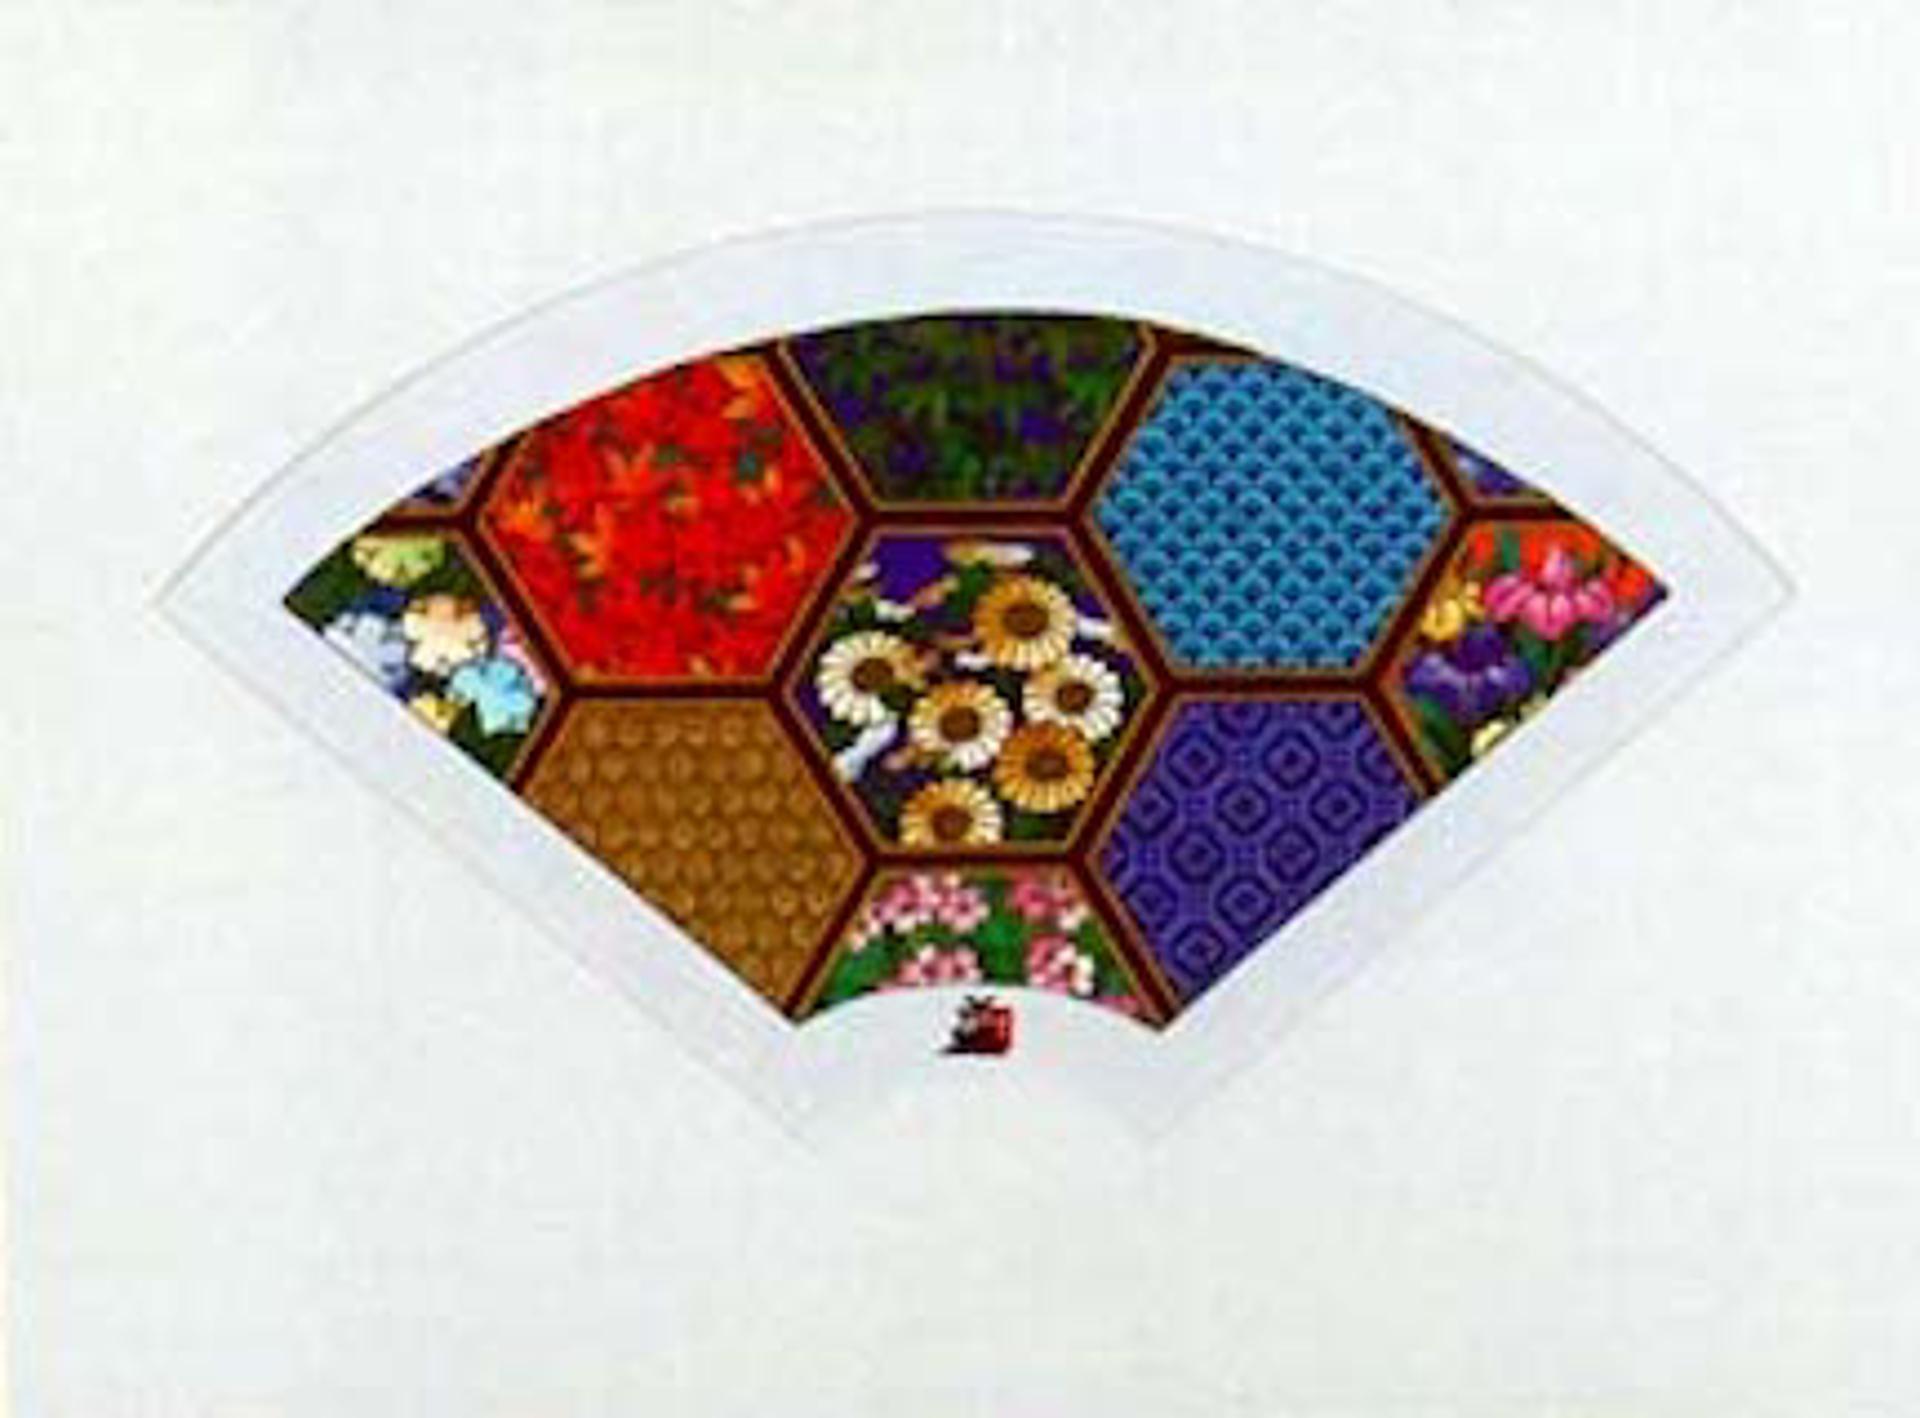 Fan Honeycomb by Hisashi Otsuka